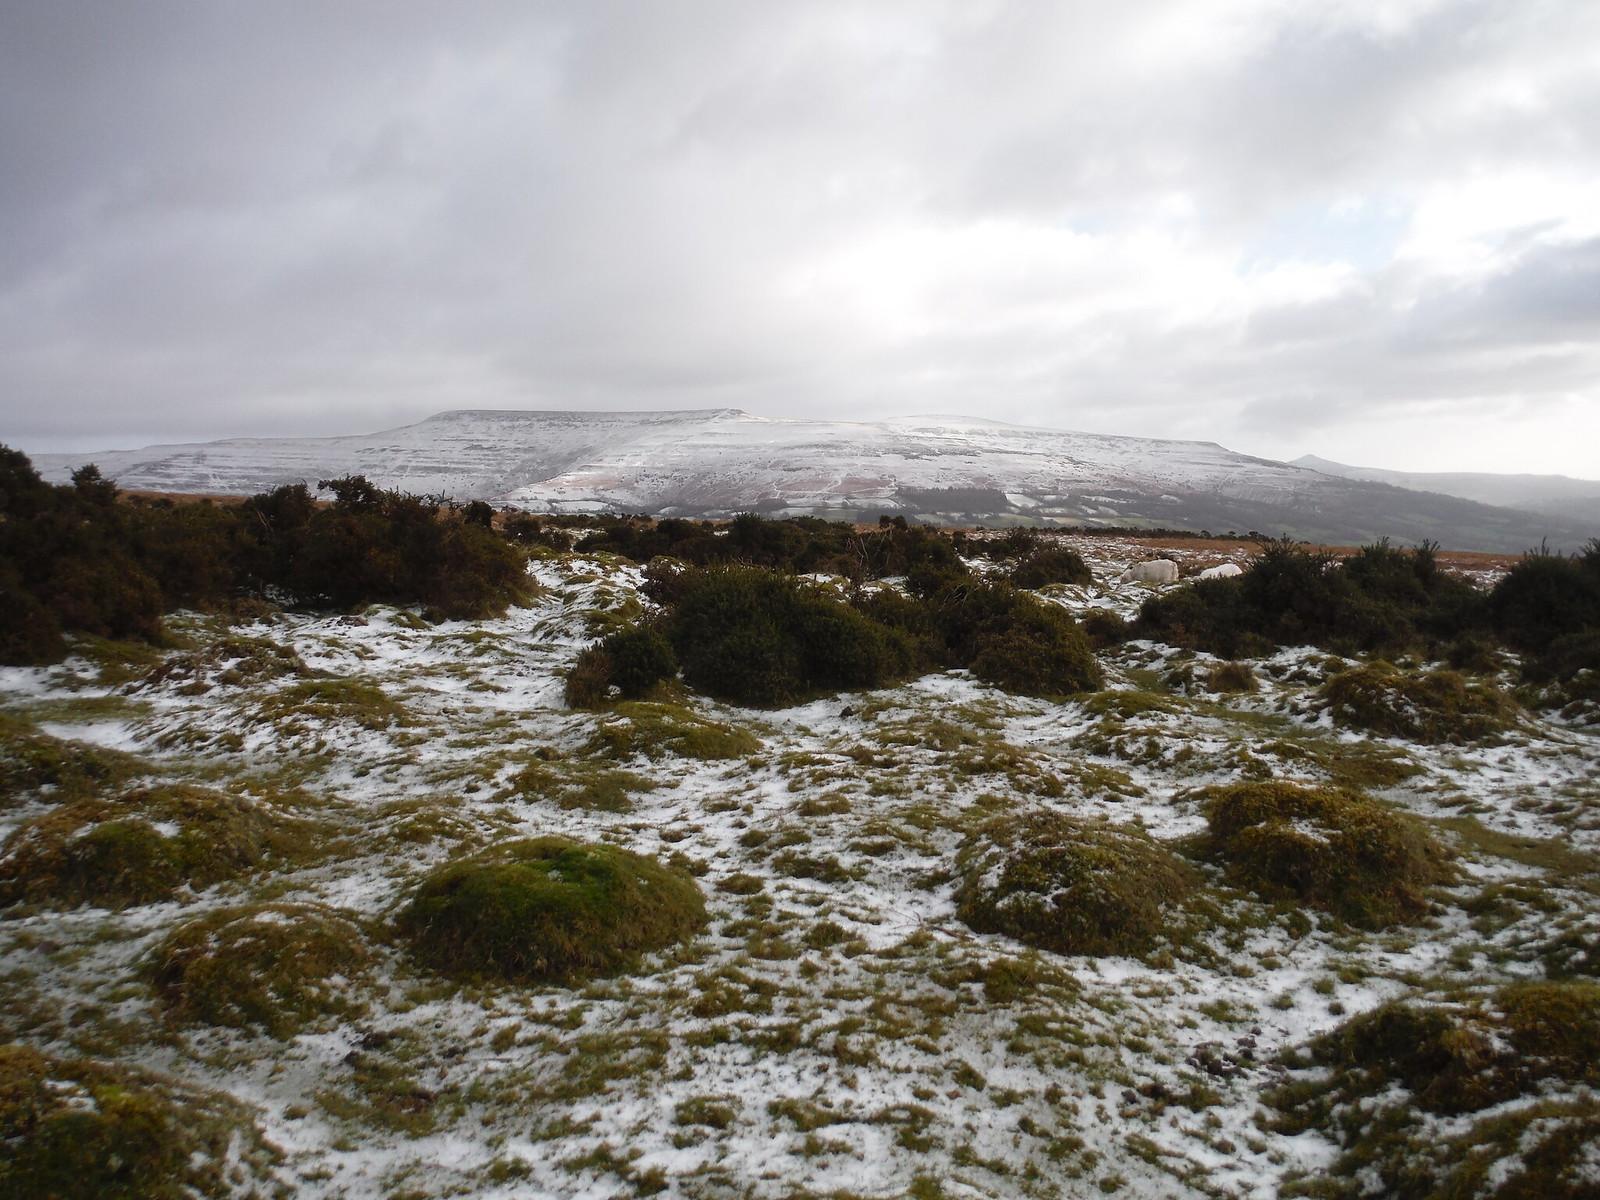 SW end of The Black Mountains: Sugarloaf, Pen Cerrig-calch to Pen Allt-mawr, across Rhiangoll Valley SWC Walk 308 - Bwlch Circular (via Mynydd Troed and Llangorse Lake)